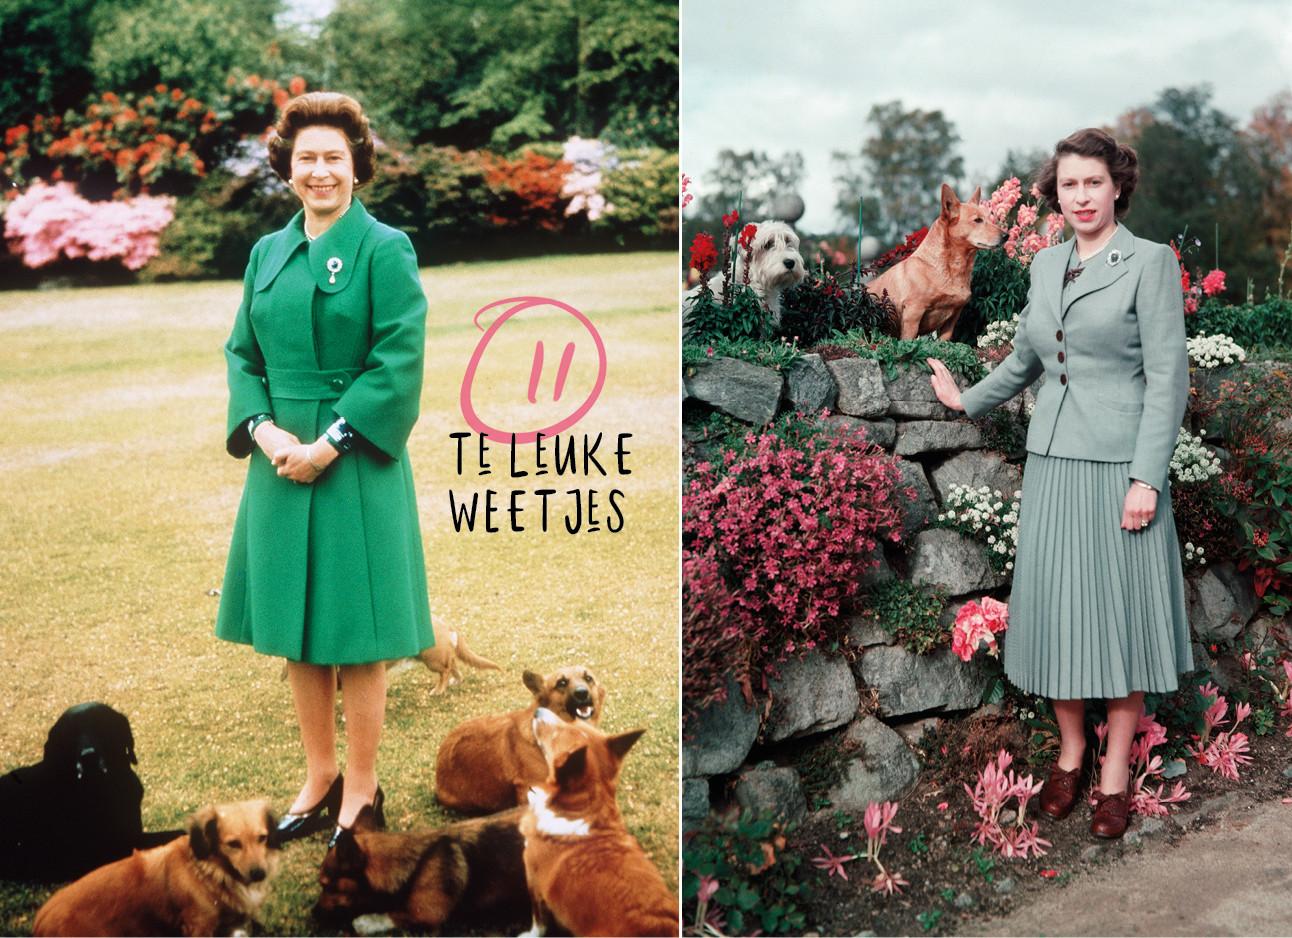 Even over de spuugverwende hondjes van The Queen